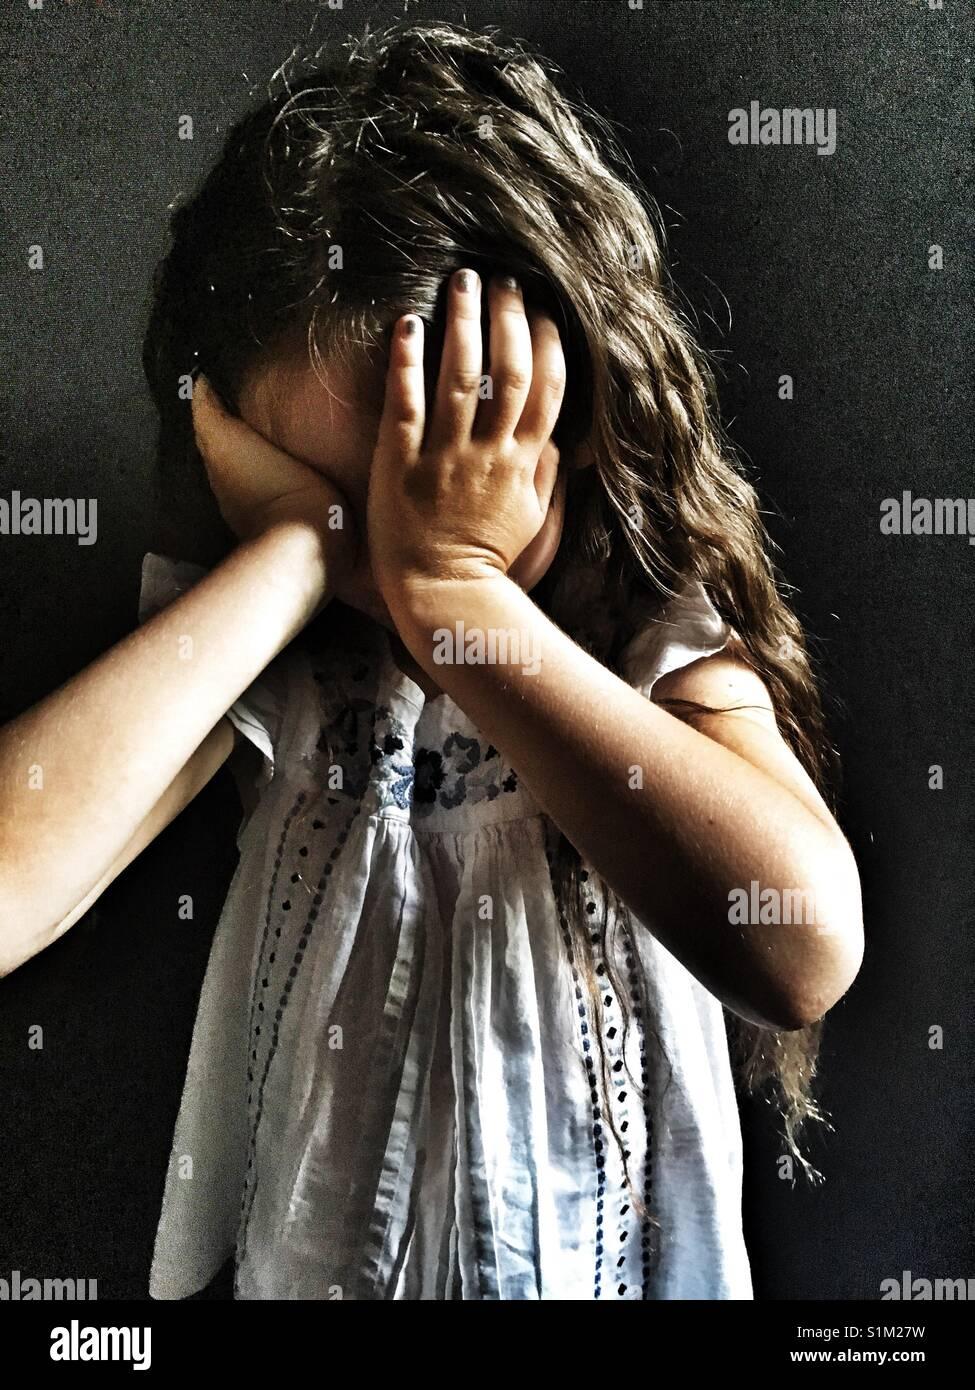 Upset child - Stock Image